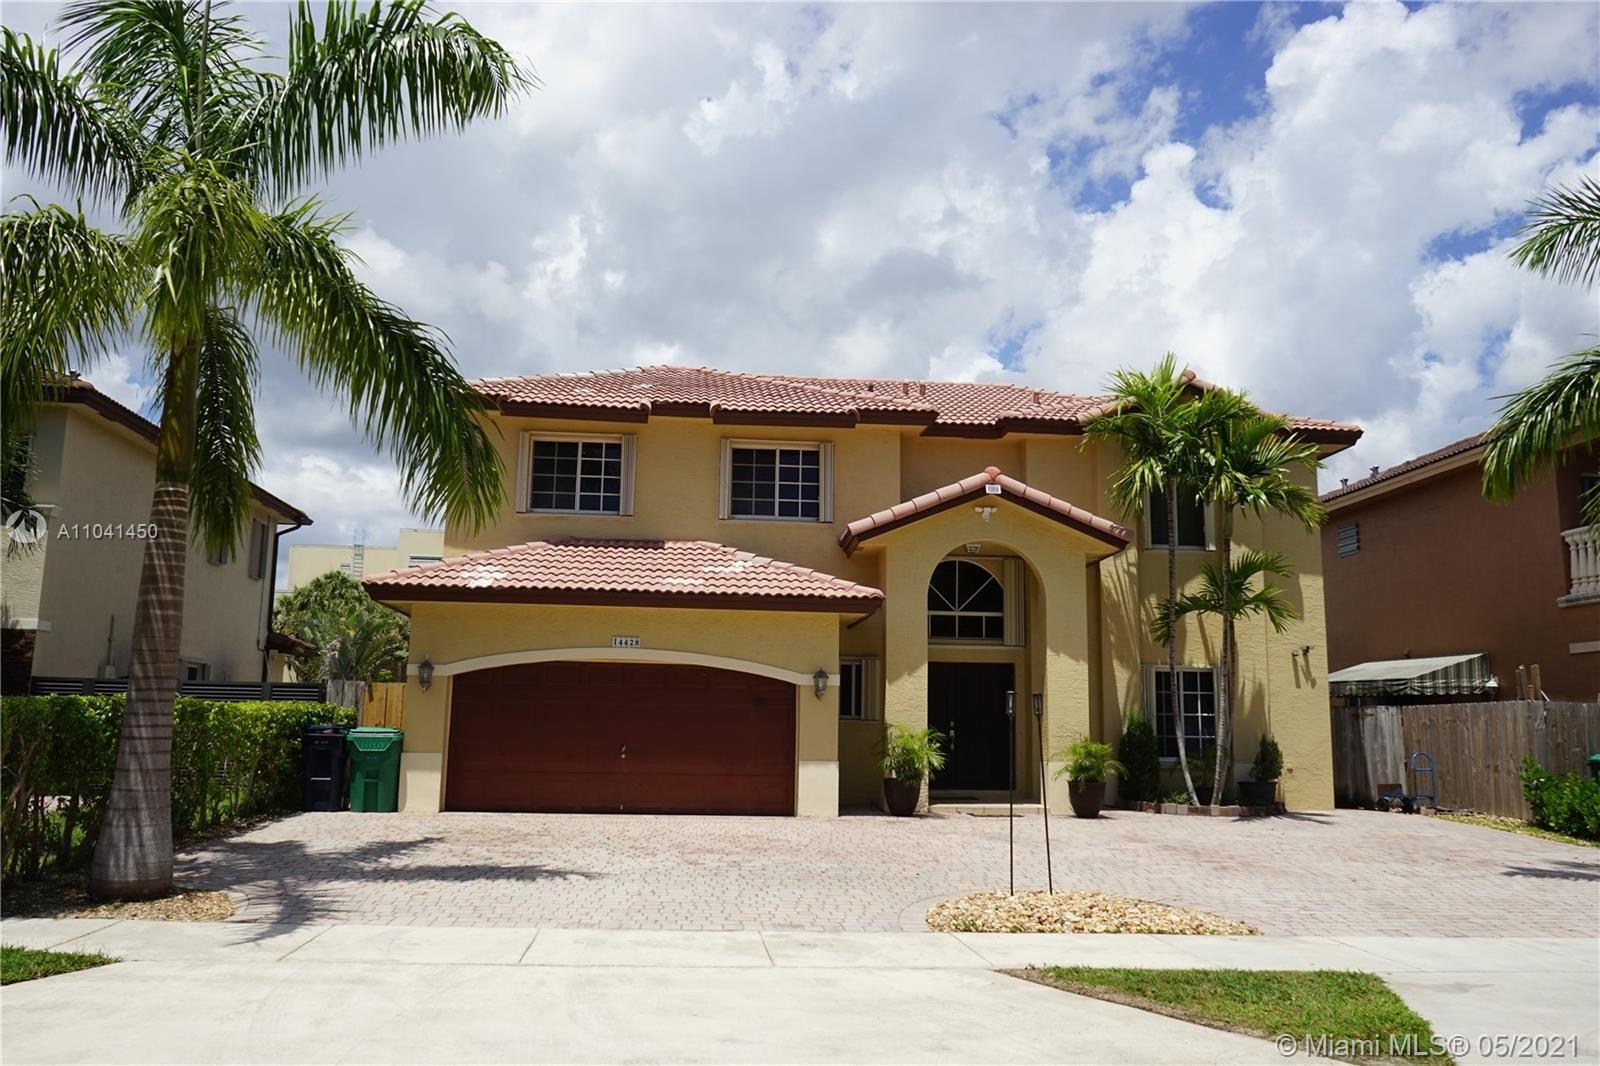 14428 SW 158th Path, Miami, FL 33196 - #: A11041450